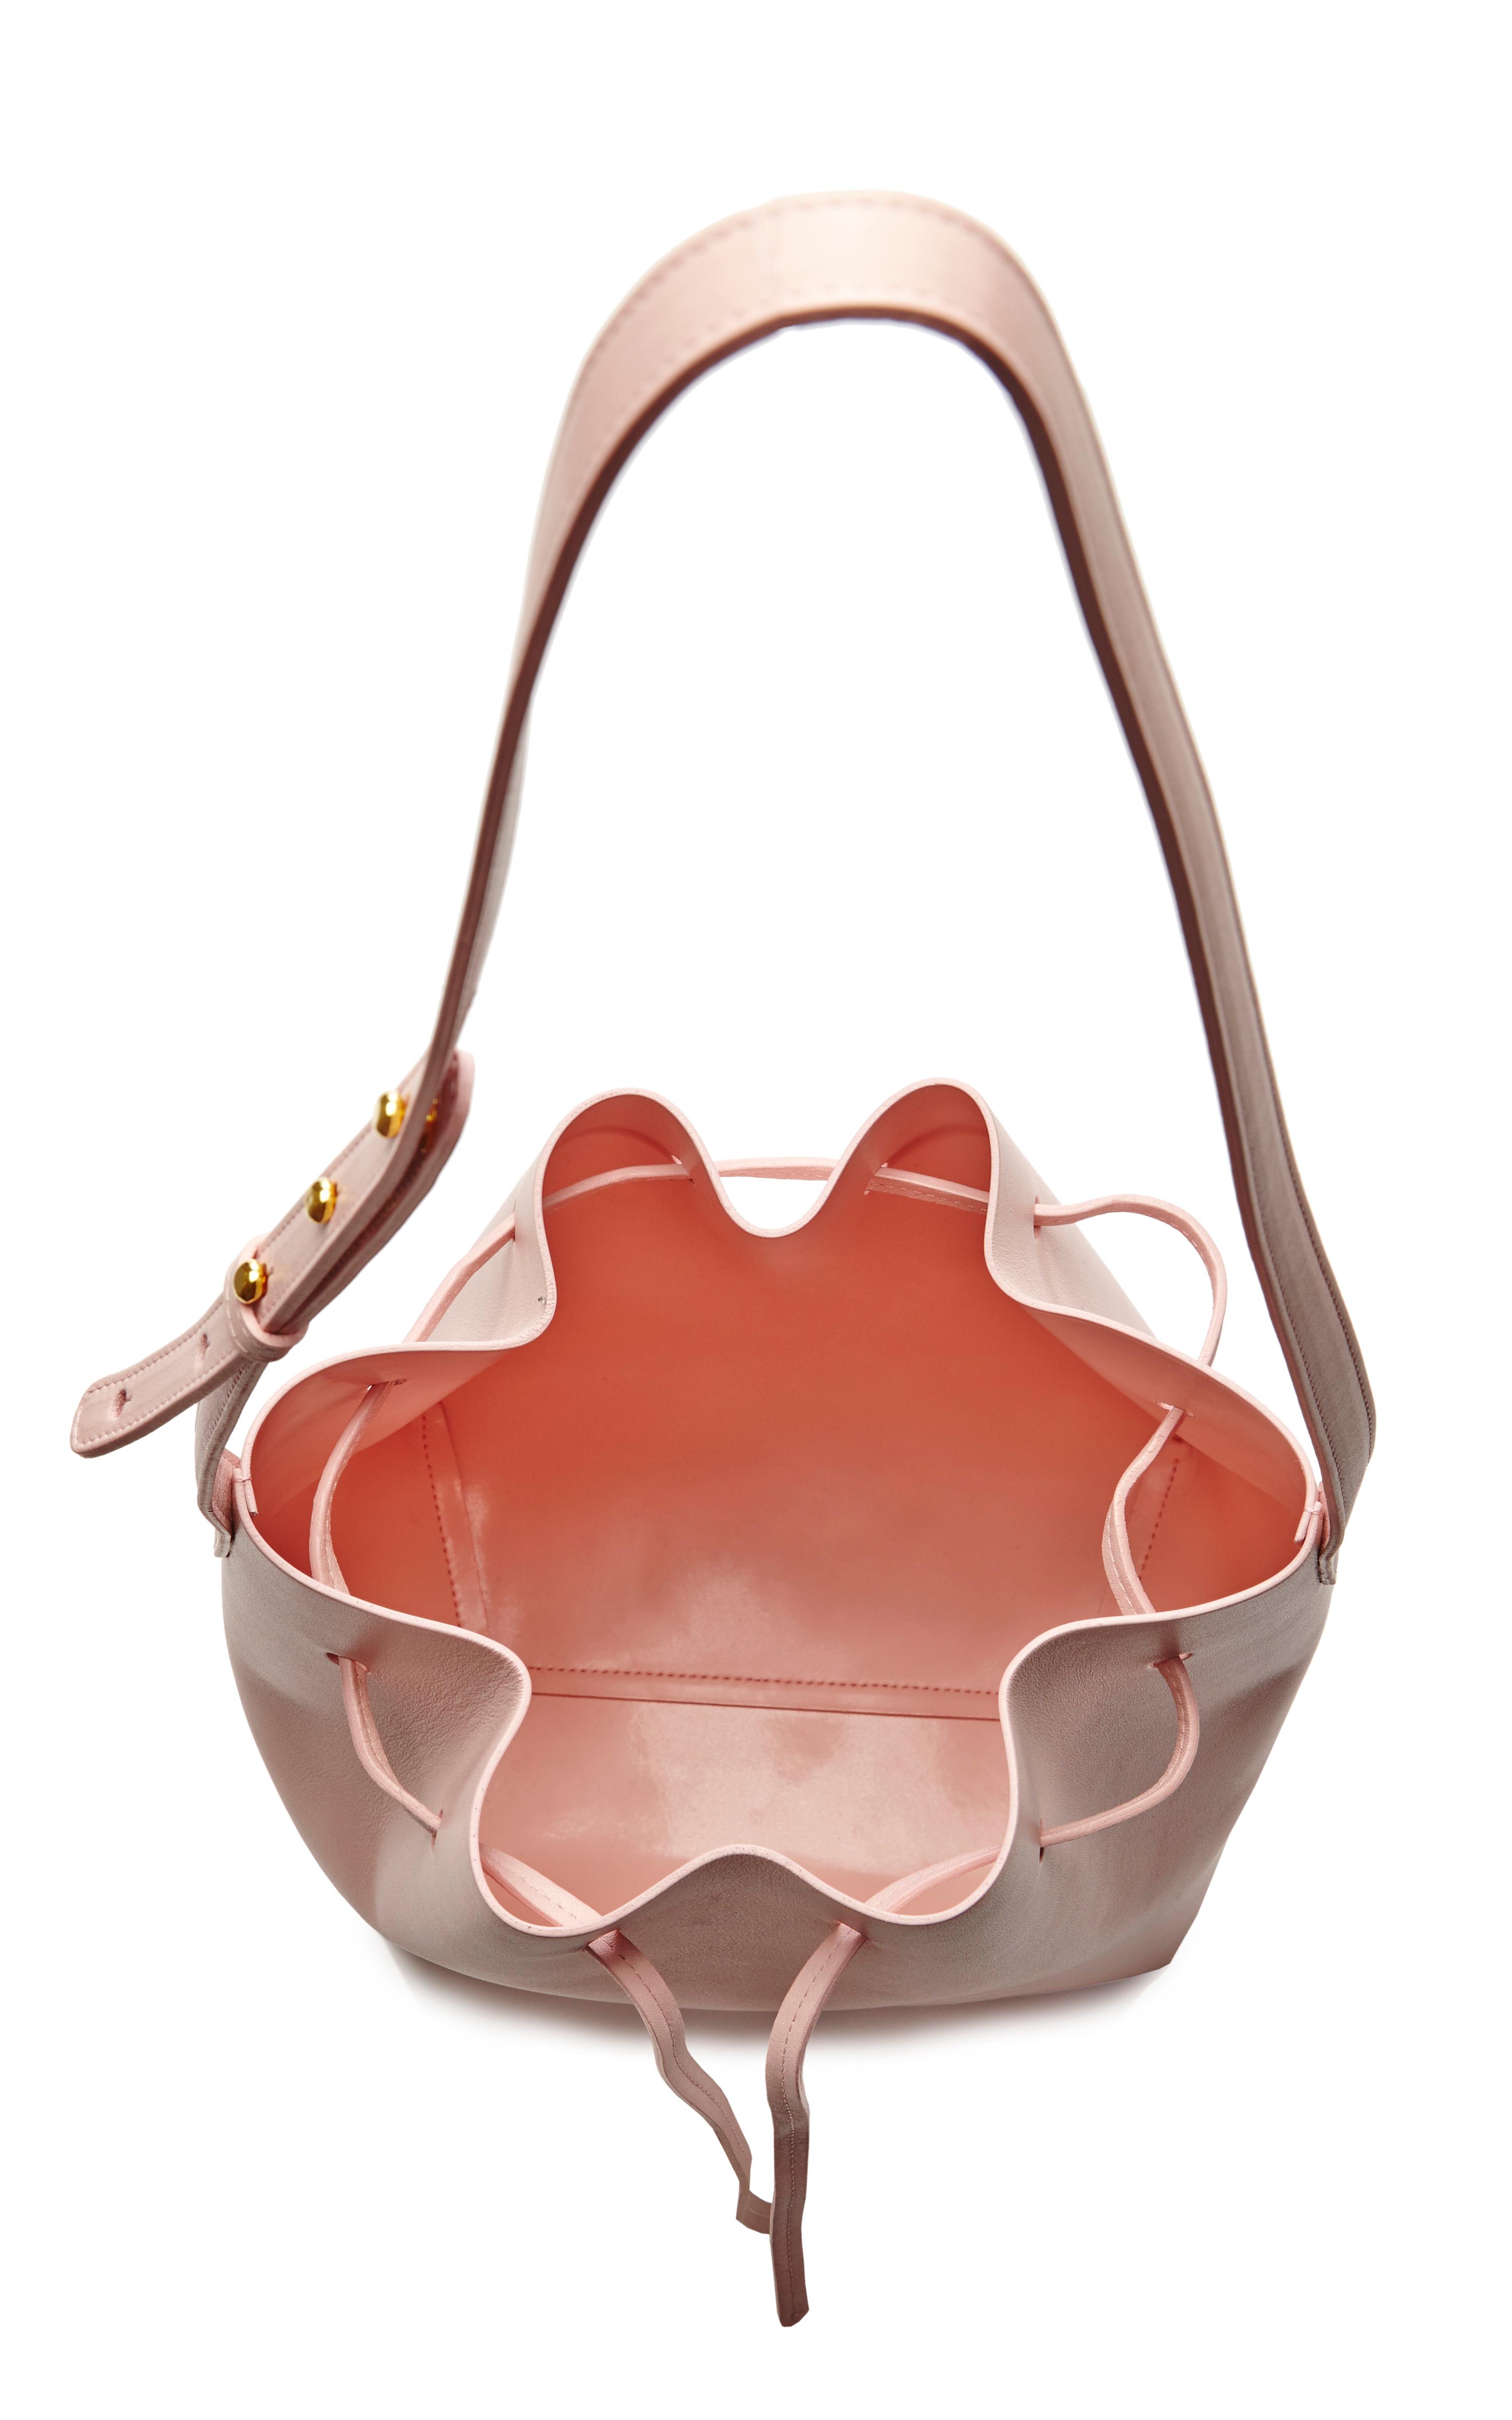 mansur gavriel large bucket bag in rosa with rosa interior. Black Bedroom Furniture Sets. Home Design Ideas